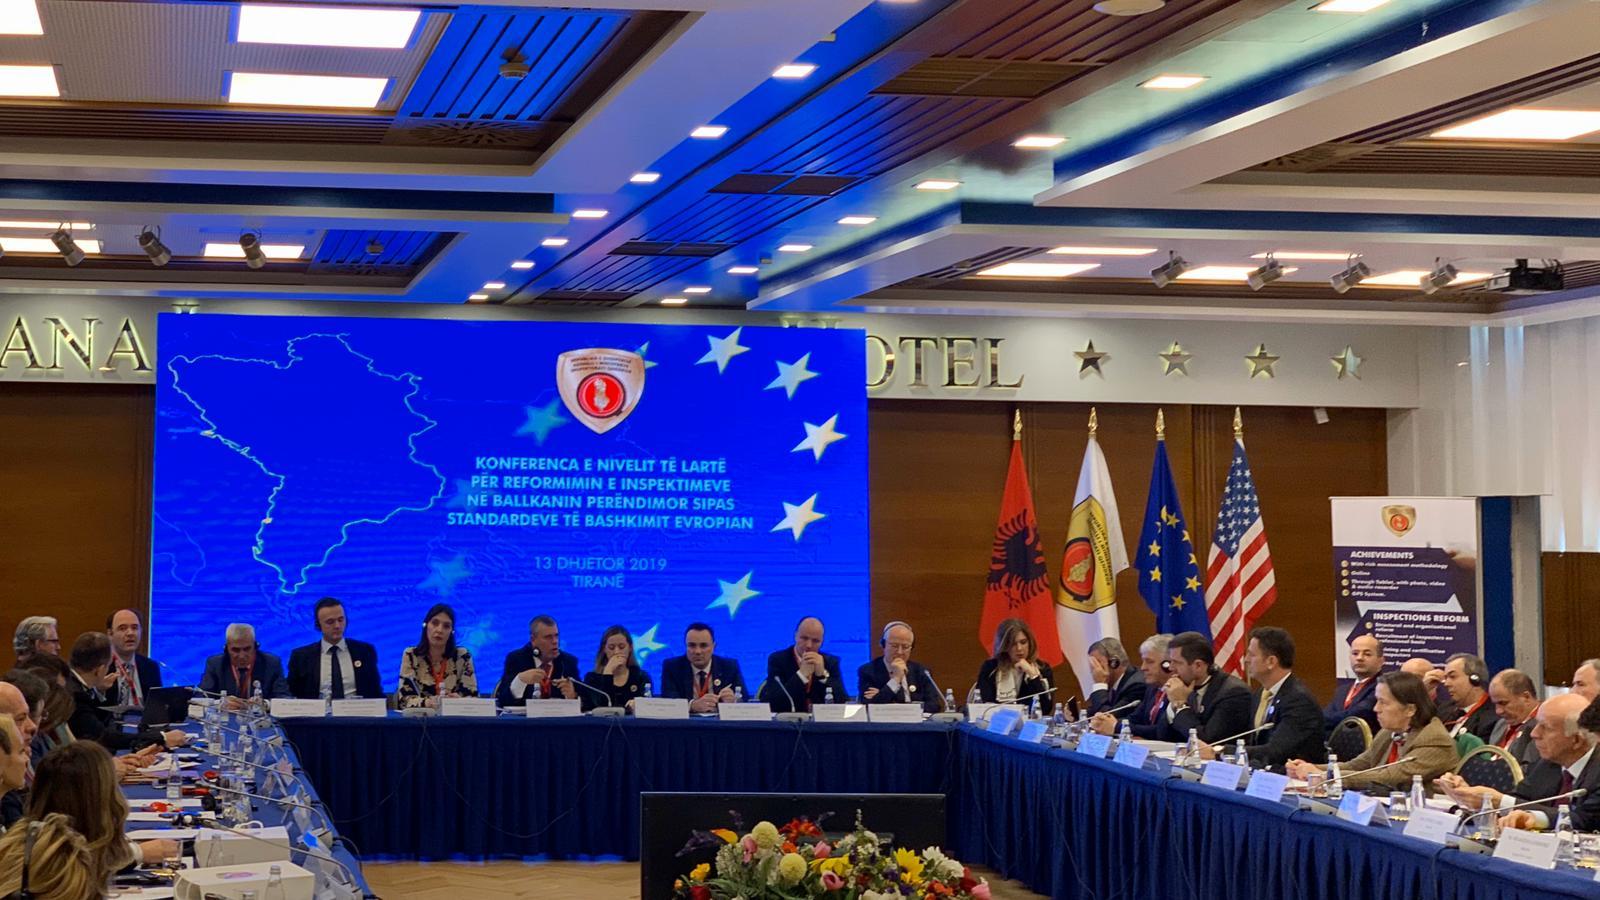 """Pjesëmarrja e Z. Jaka në """"Konferencën e Nivelit të Lartë për reformimin  e Inspektimeve në Ballkanin Perëndimor sipas Standardeve të BE-së"""""""